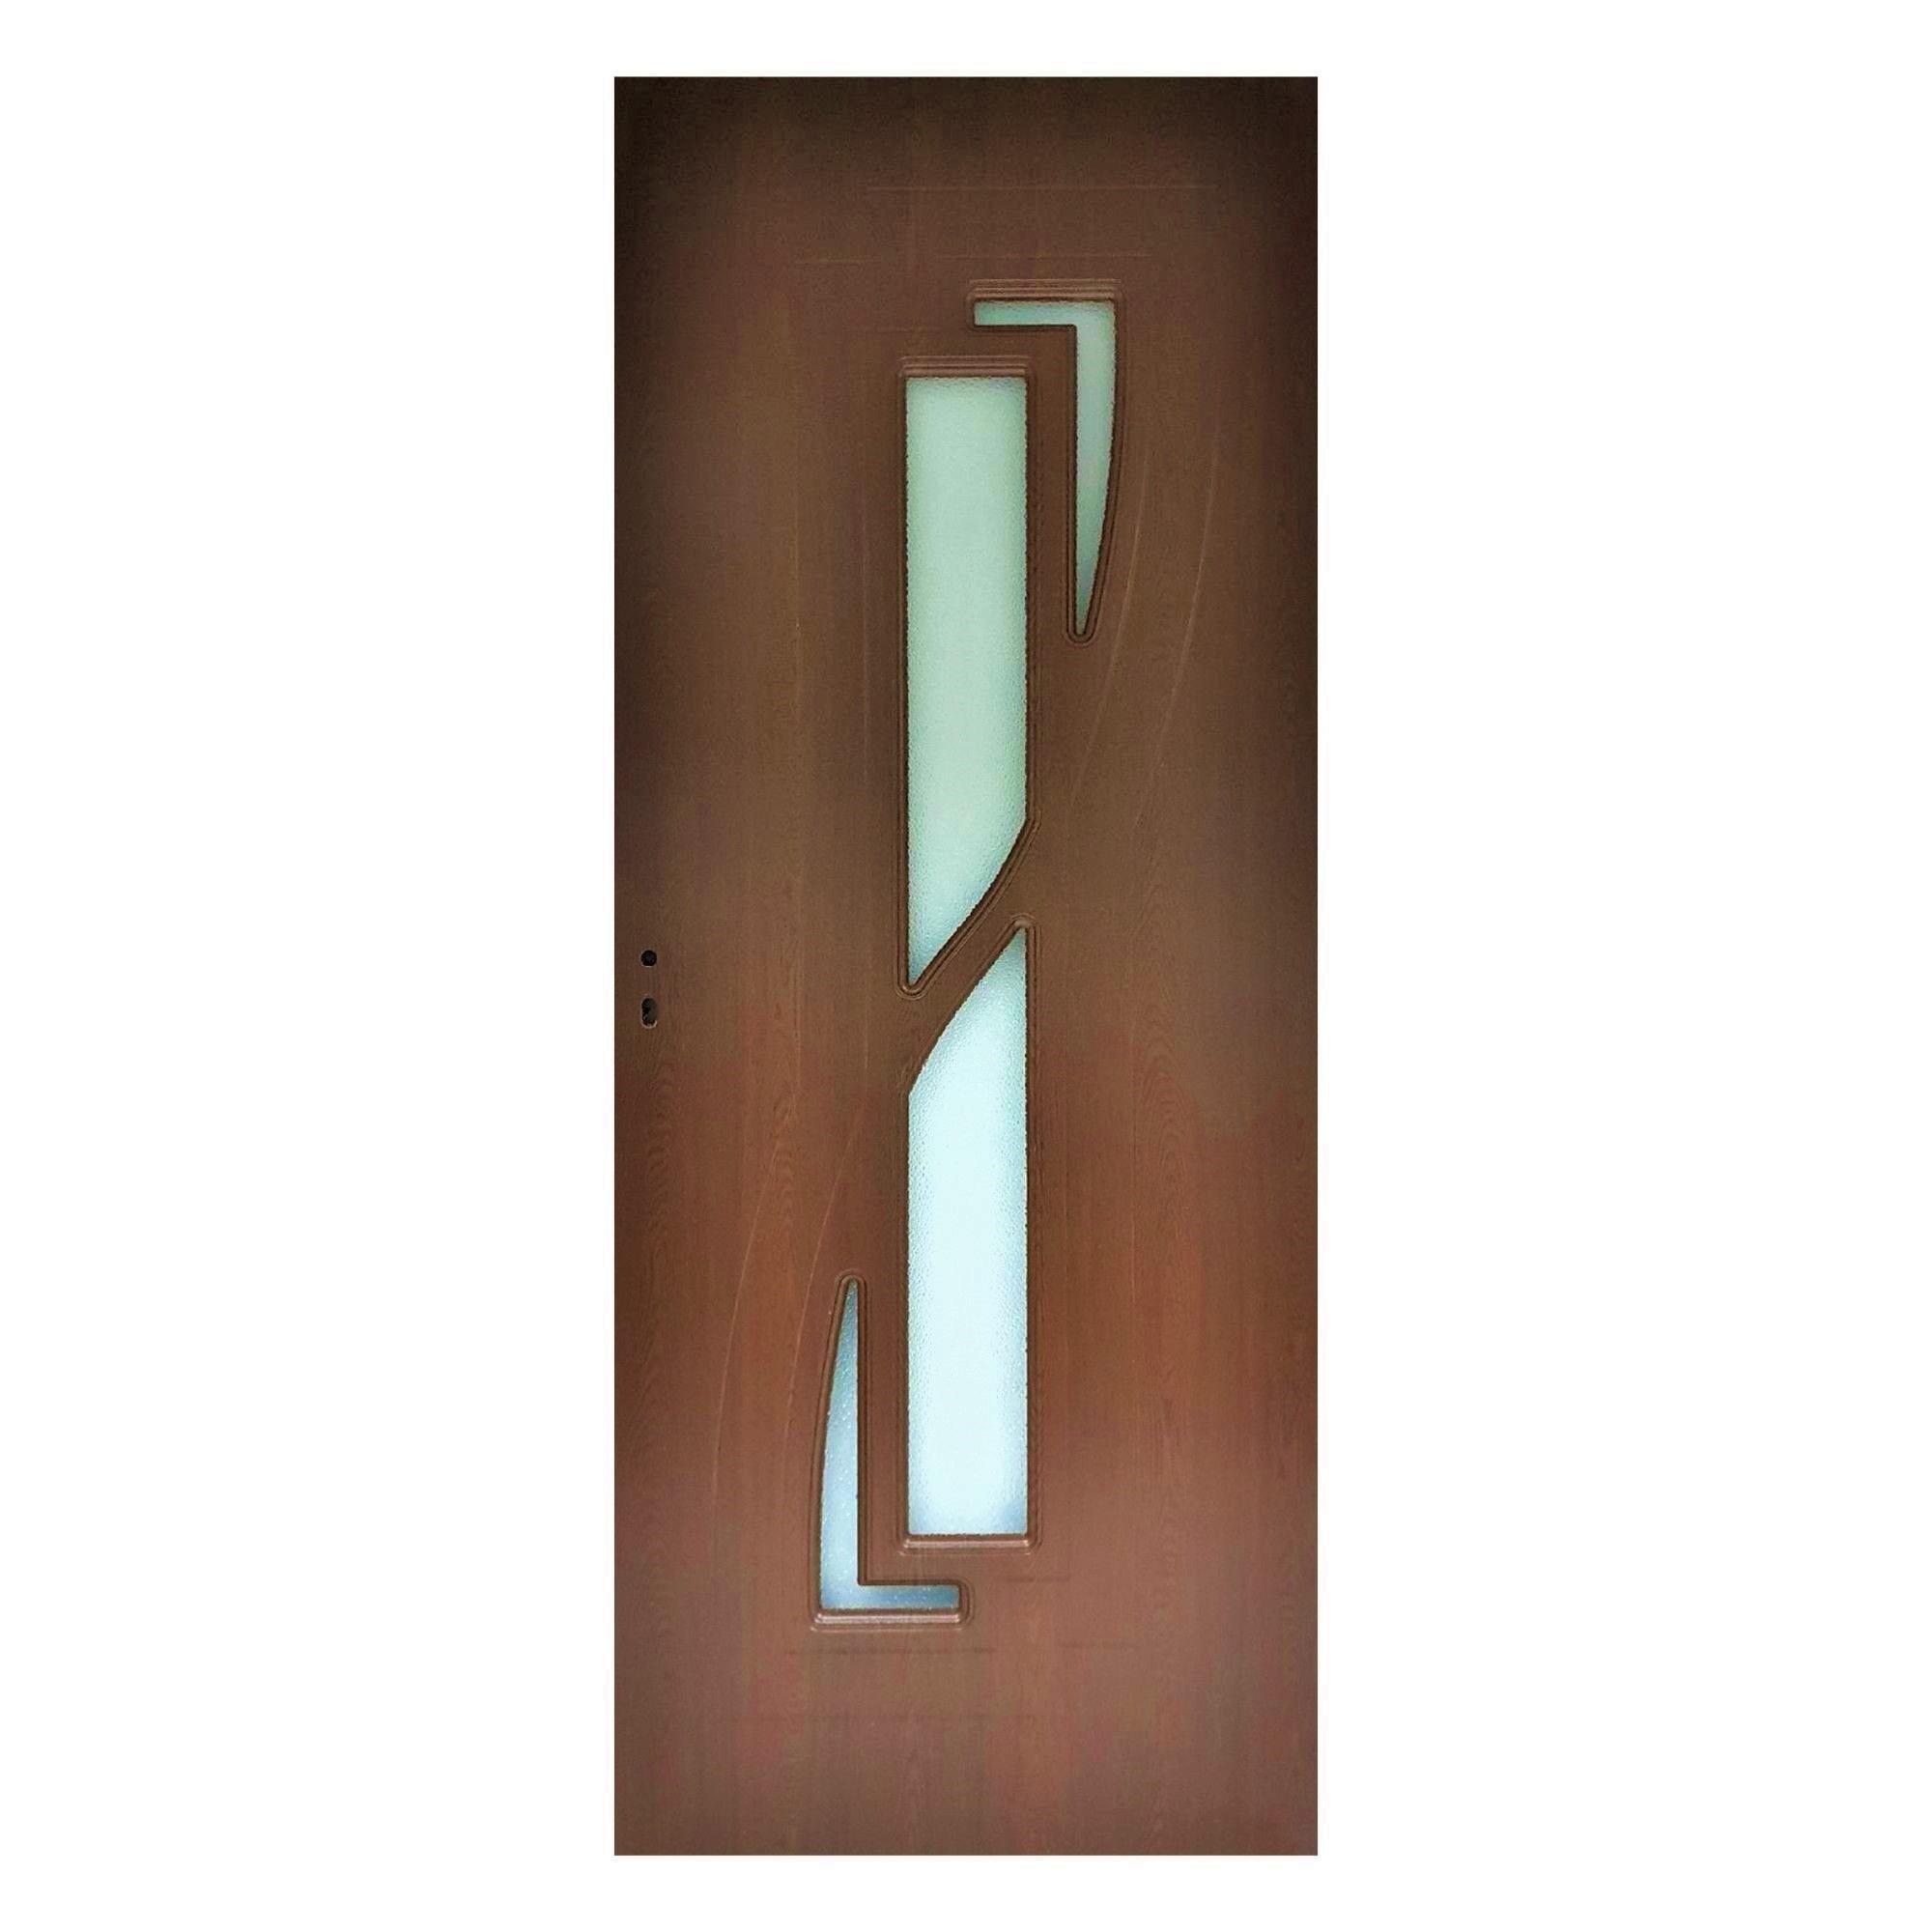 Usa de interior cu geam Pamate M042, stejar auriu, 200 x 80 cm + toc 10 cm